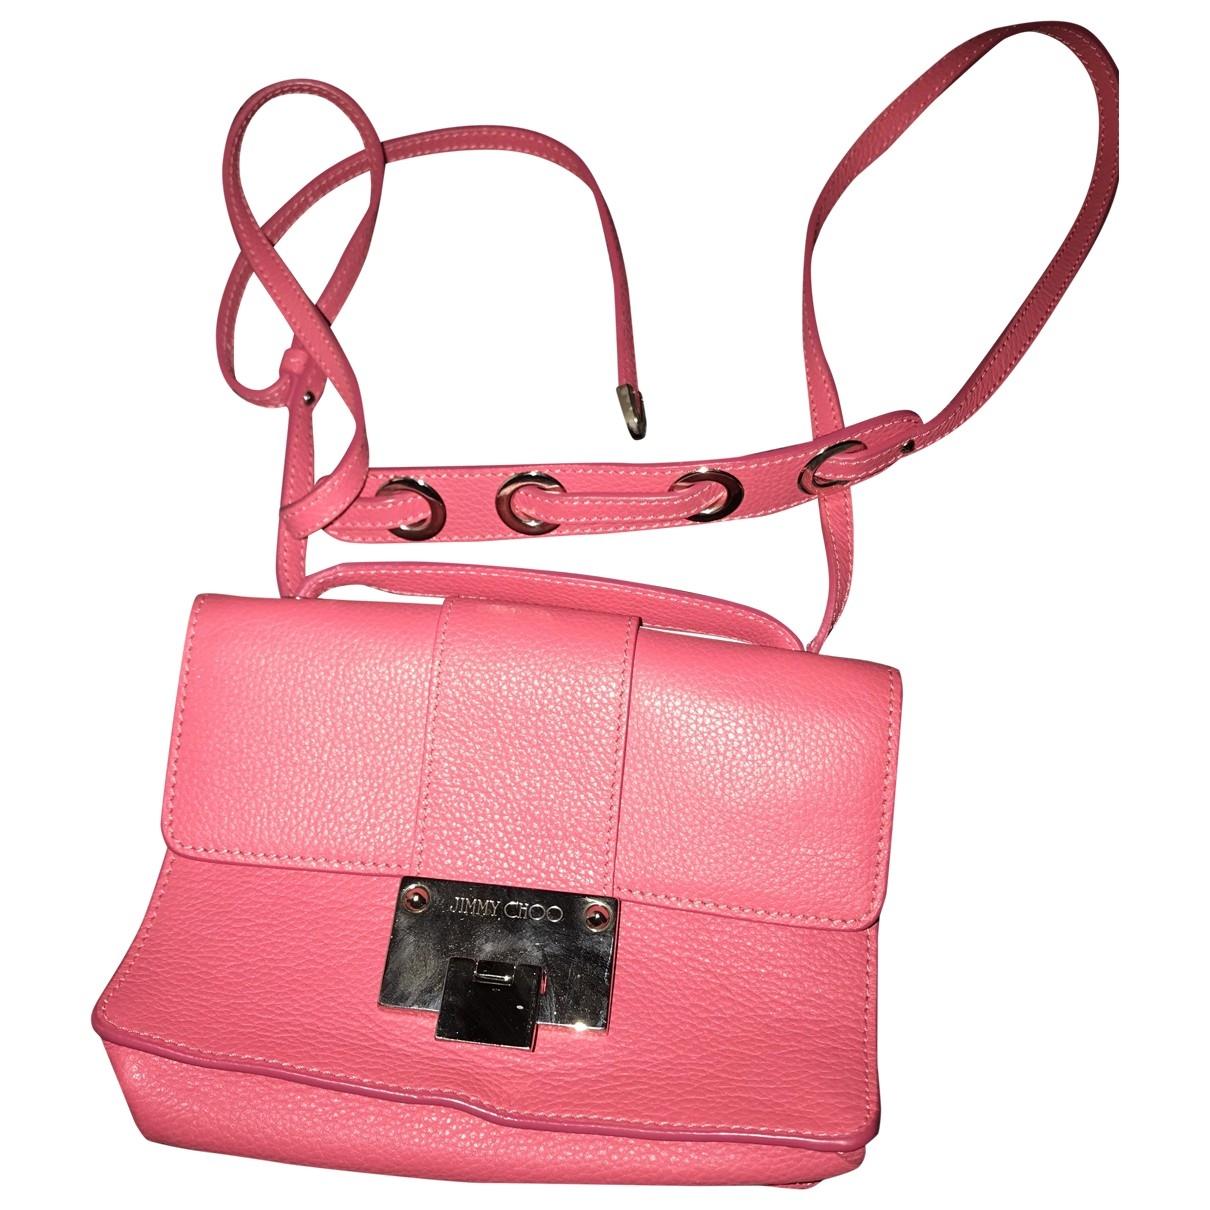 Jimmy Choo Rebel Handtasche in  Rosa Leder